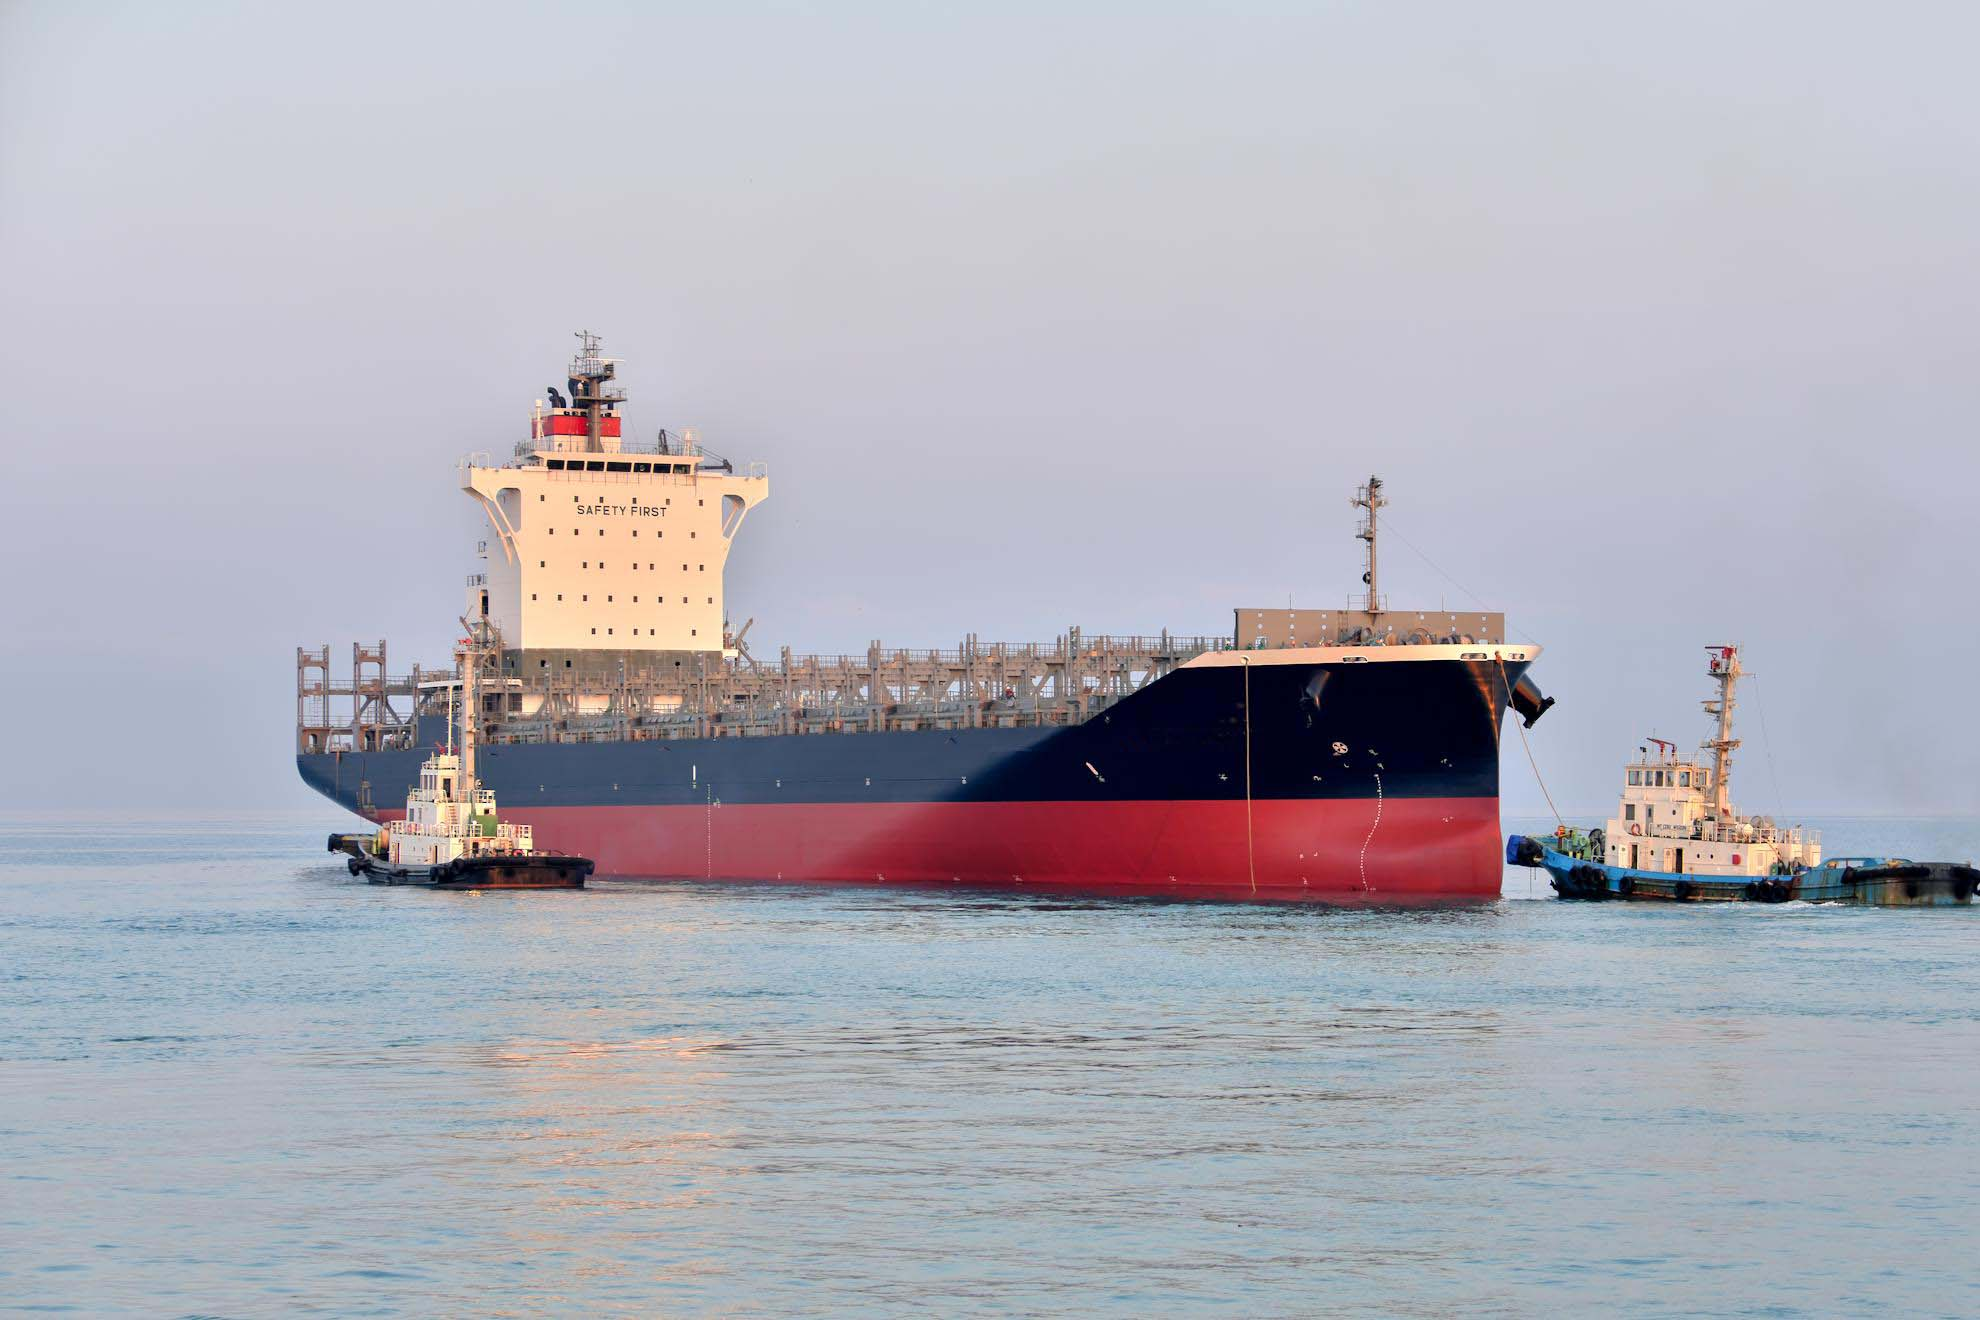 常石造船的菲律宾基地首次建造的1900TEU型集装箱船的第一艘船舶